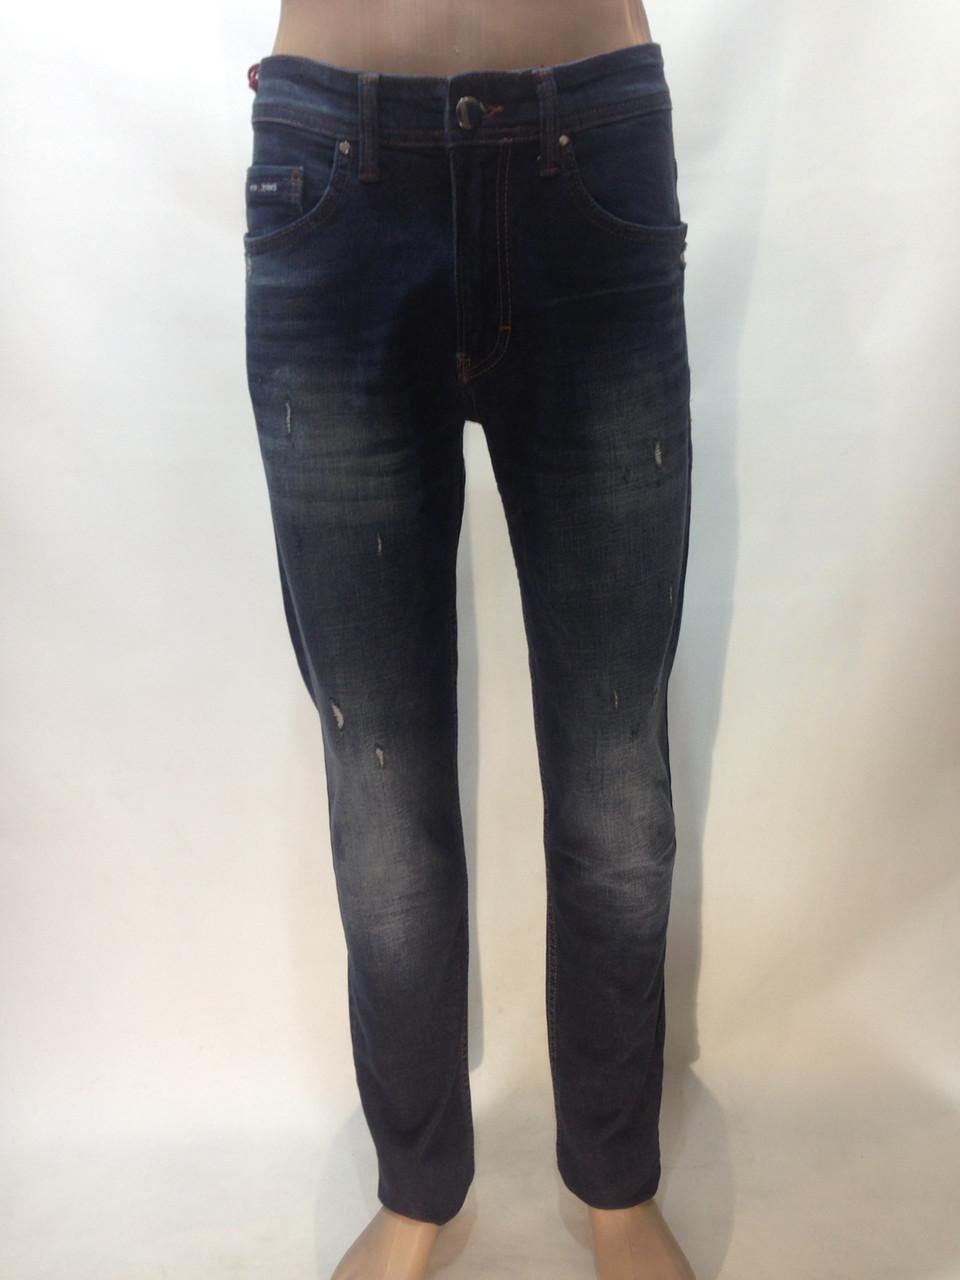 Чоловічі весняні стильні молодіжні джинси Туреччина р. 31,32,33,34